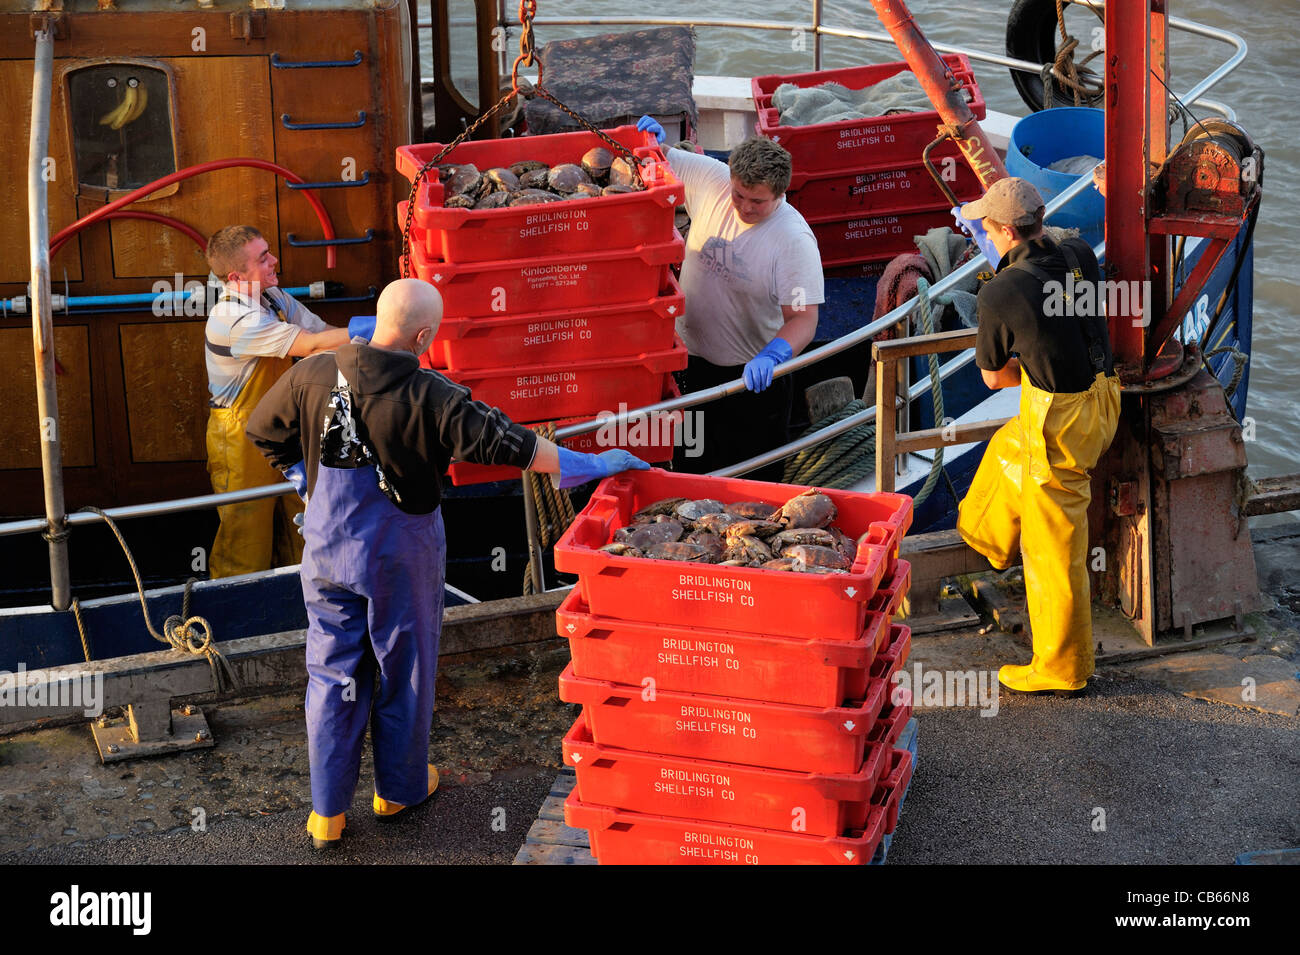 Nordsee Fischer entladen Fang von Krebsen aus Fischerboot Weiterreise Star am East Yorkshire Fisch Kai Hafen von Stockbild